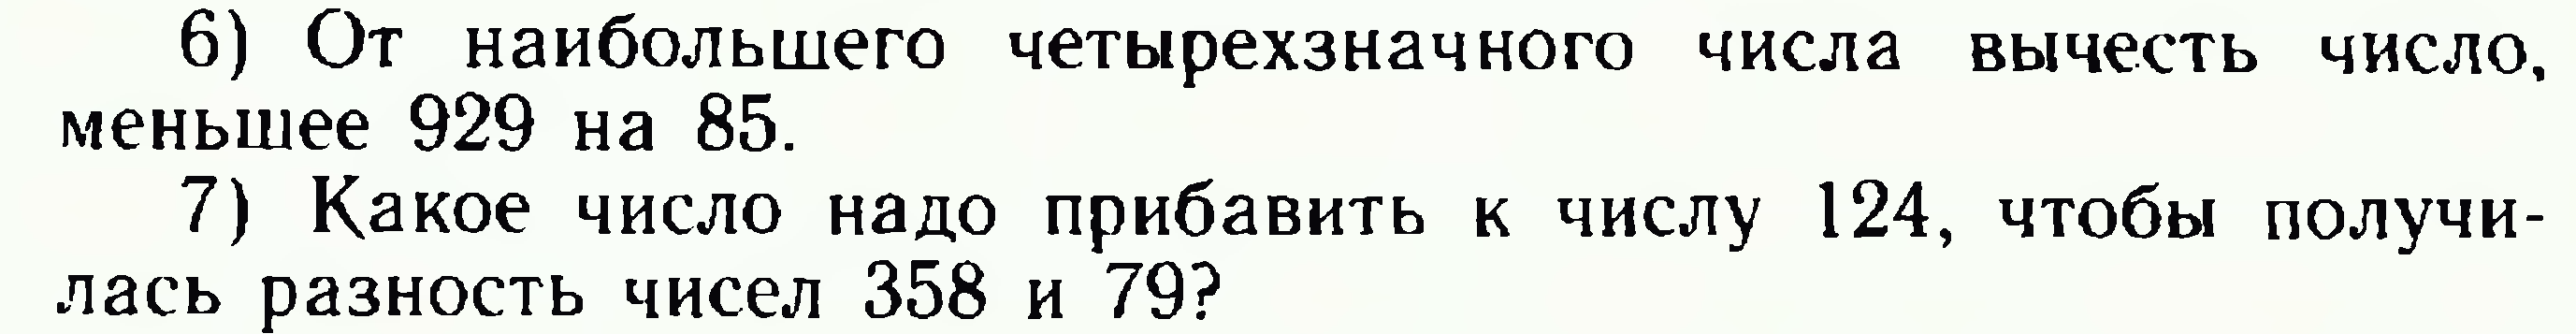 hello_html_m40e5e052.png